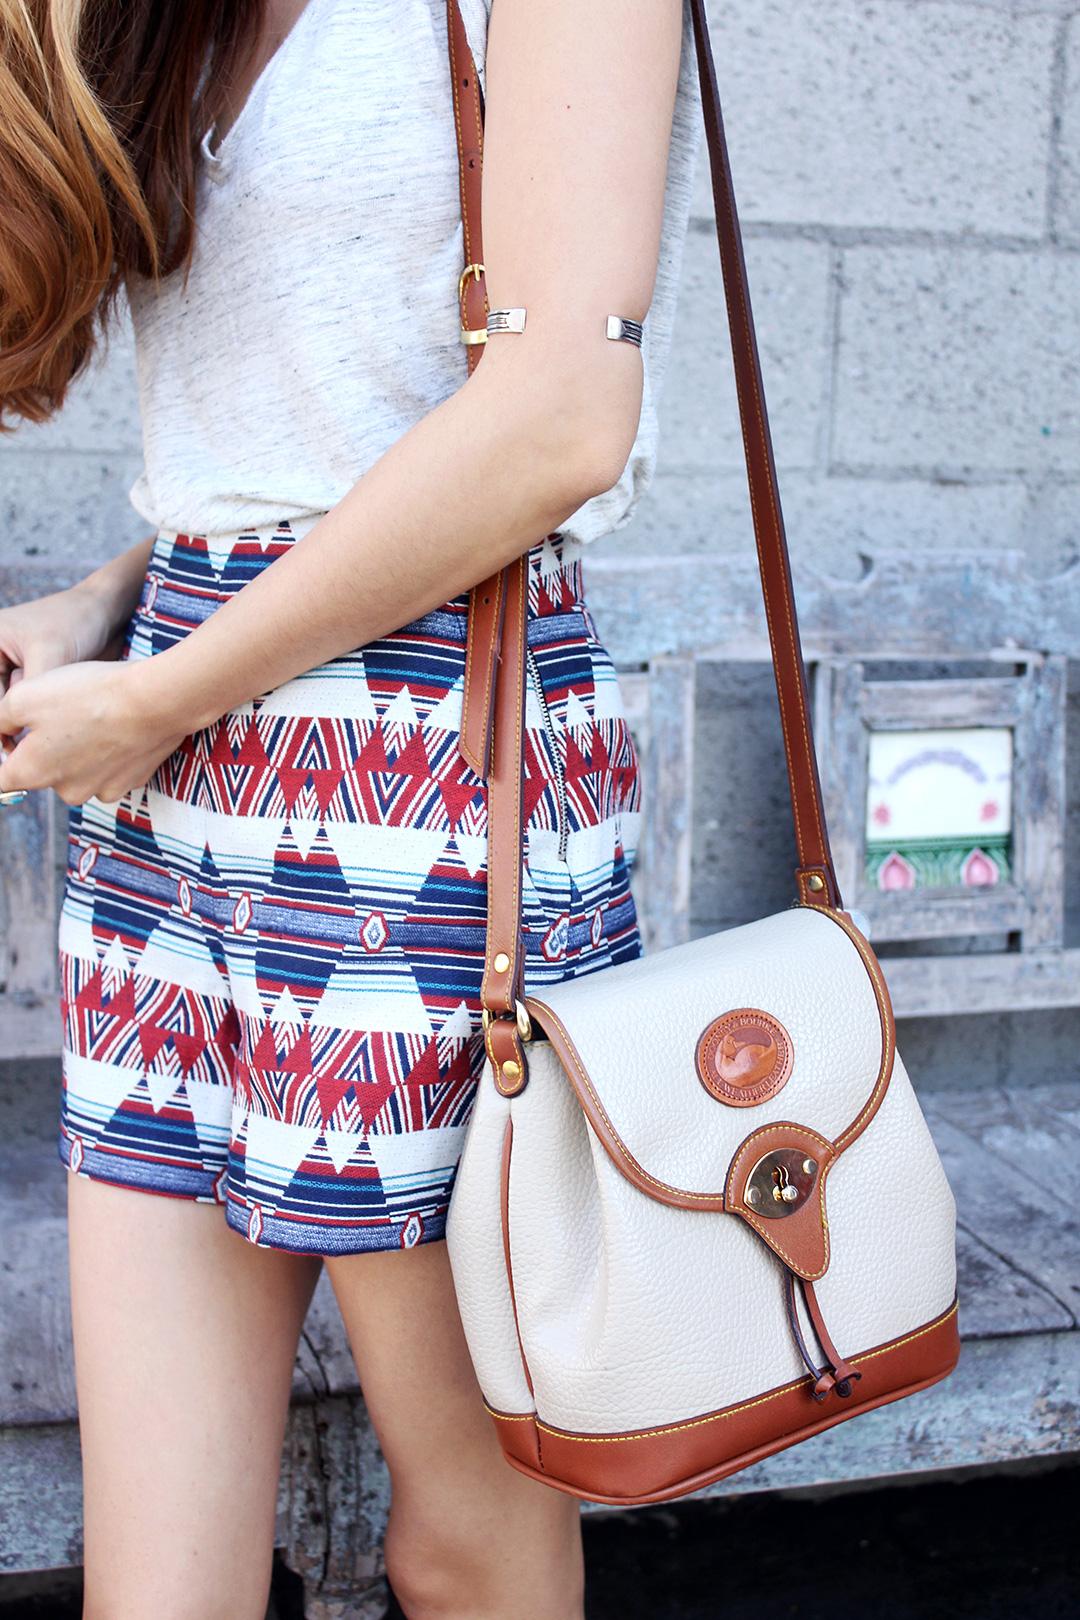 Zara Shorts, Dooney & Bourke Bag